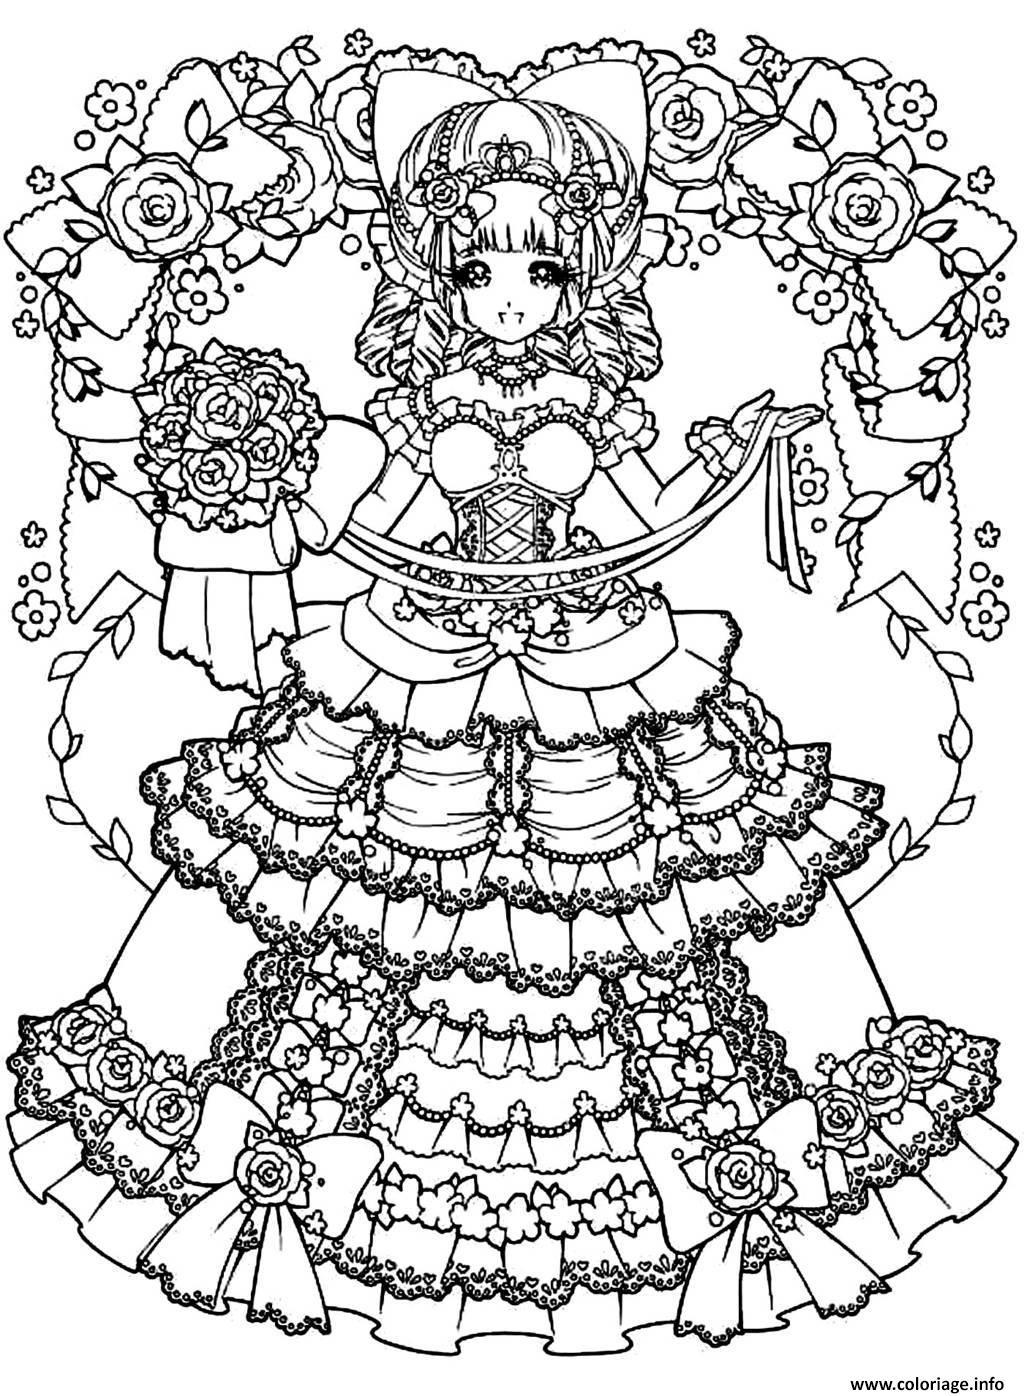 coloriage adult back to childhood manga girl dress dessin. Black Bedroom Furniture Sets. Home Design Ideas